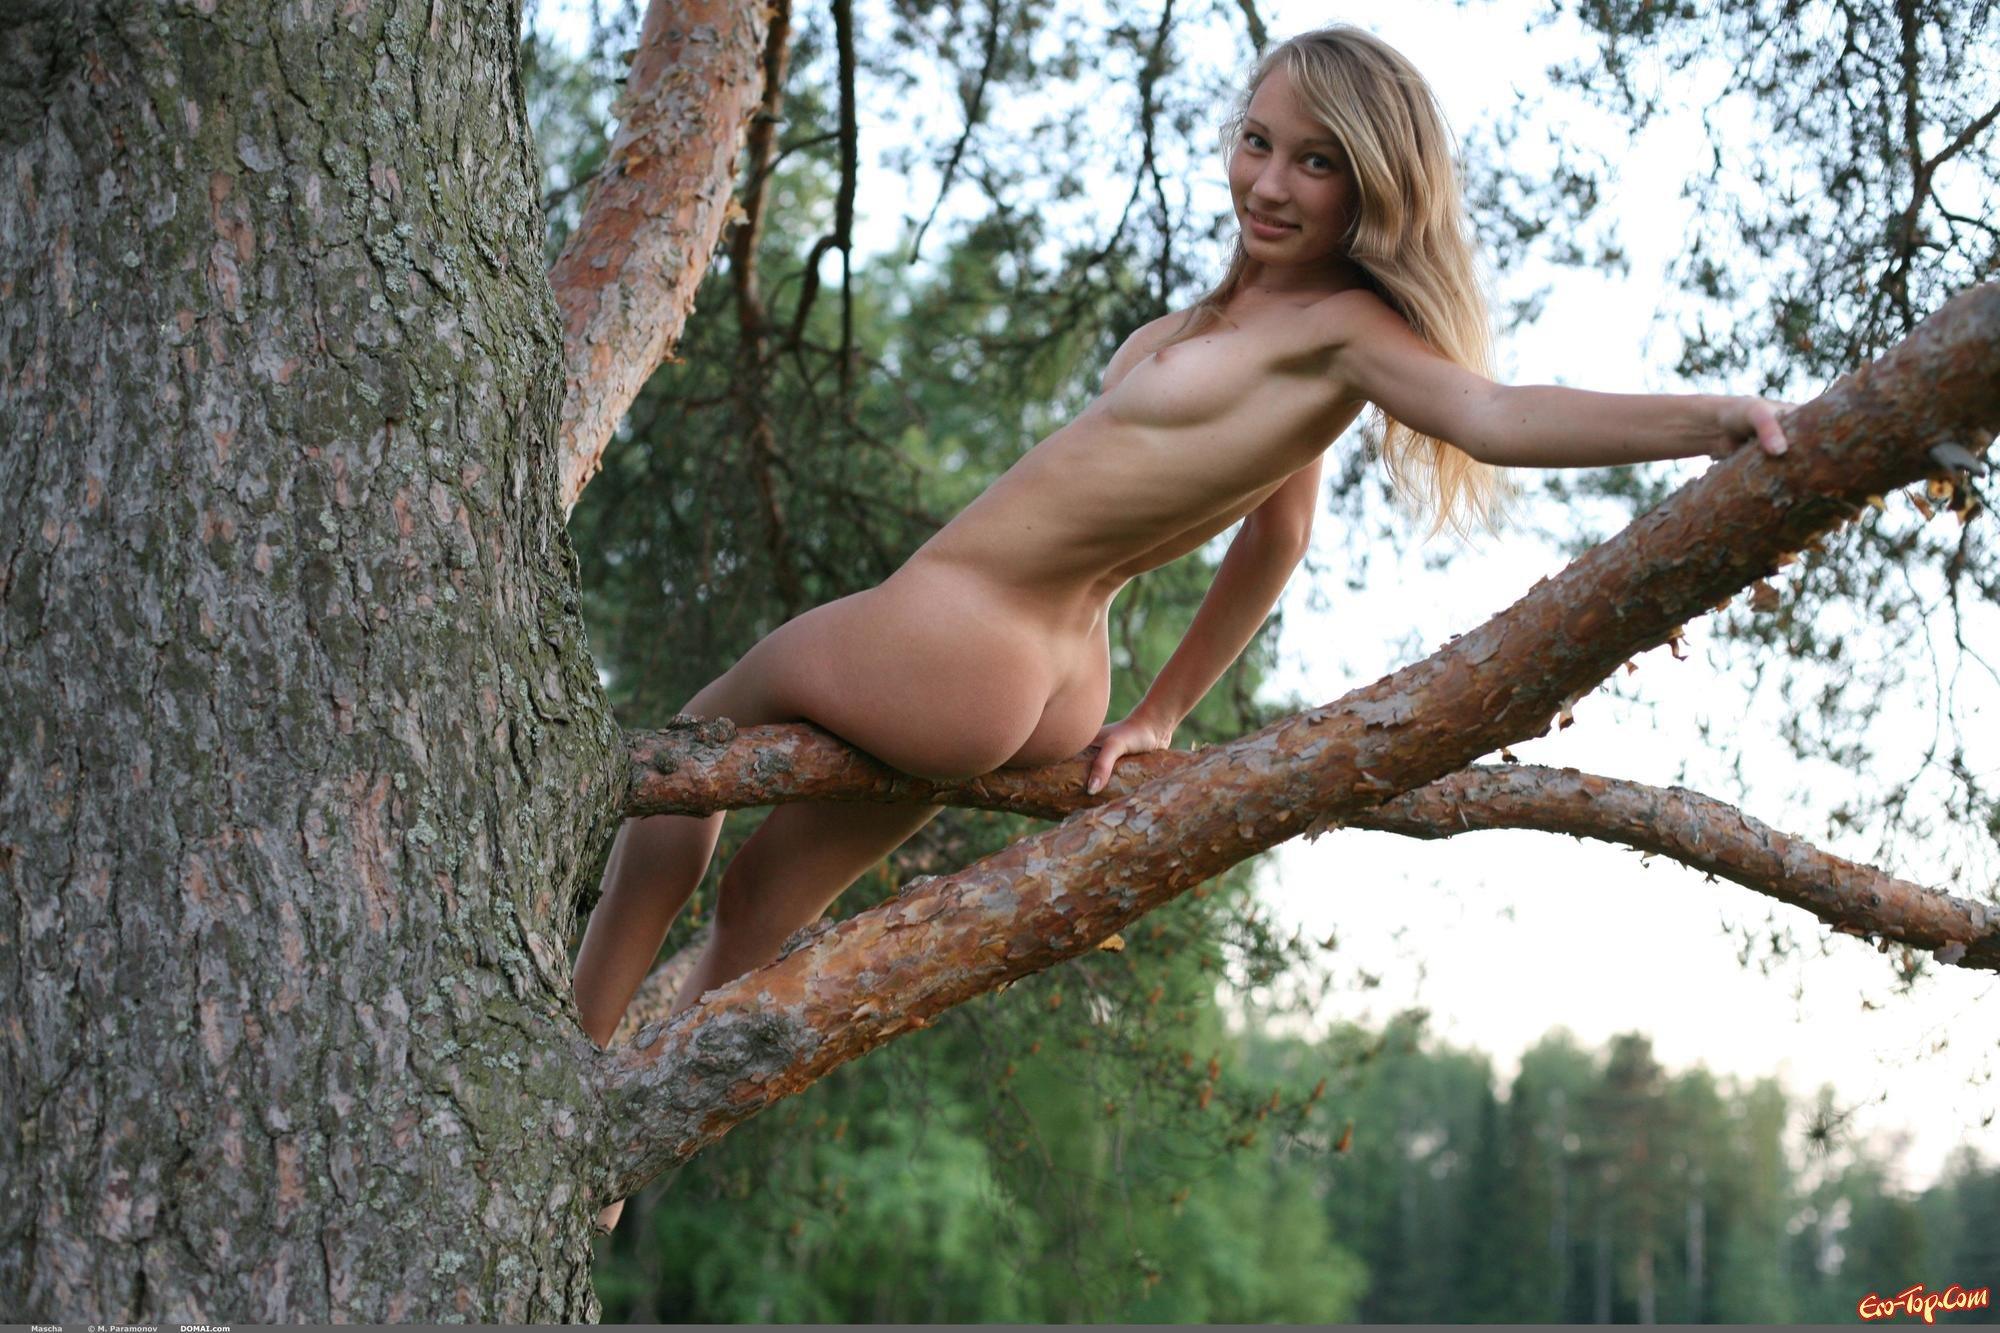 эро фото на дереве брюнеткой хуй